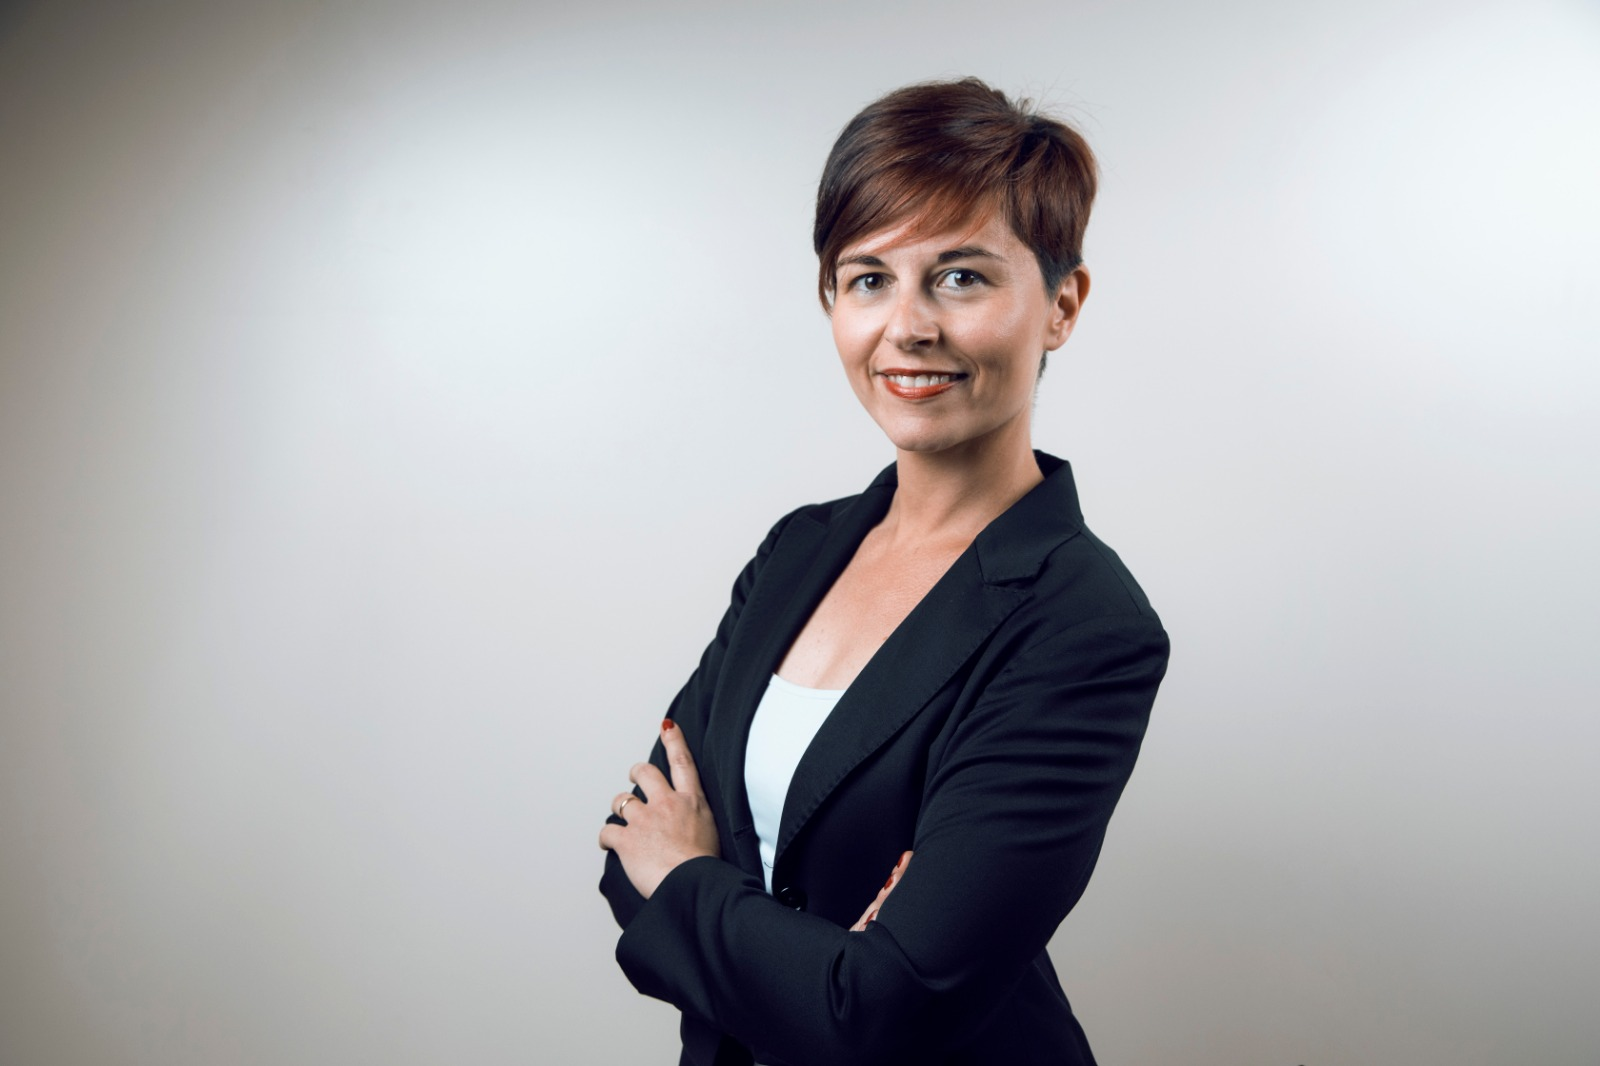 Laura Fumagalli